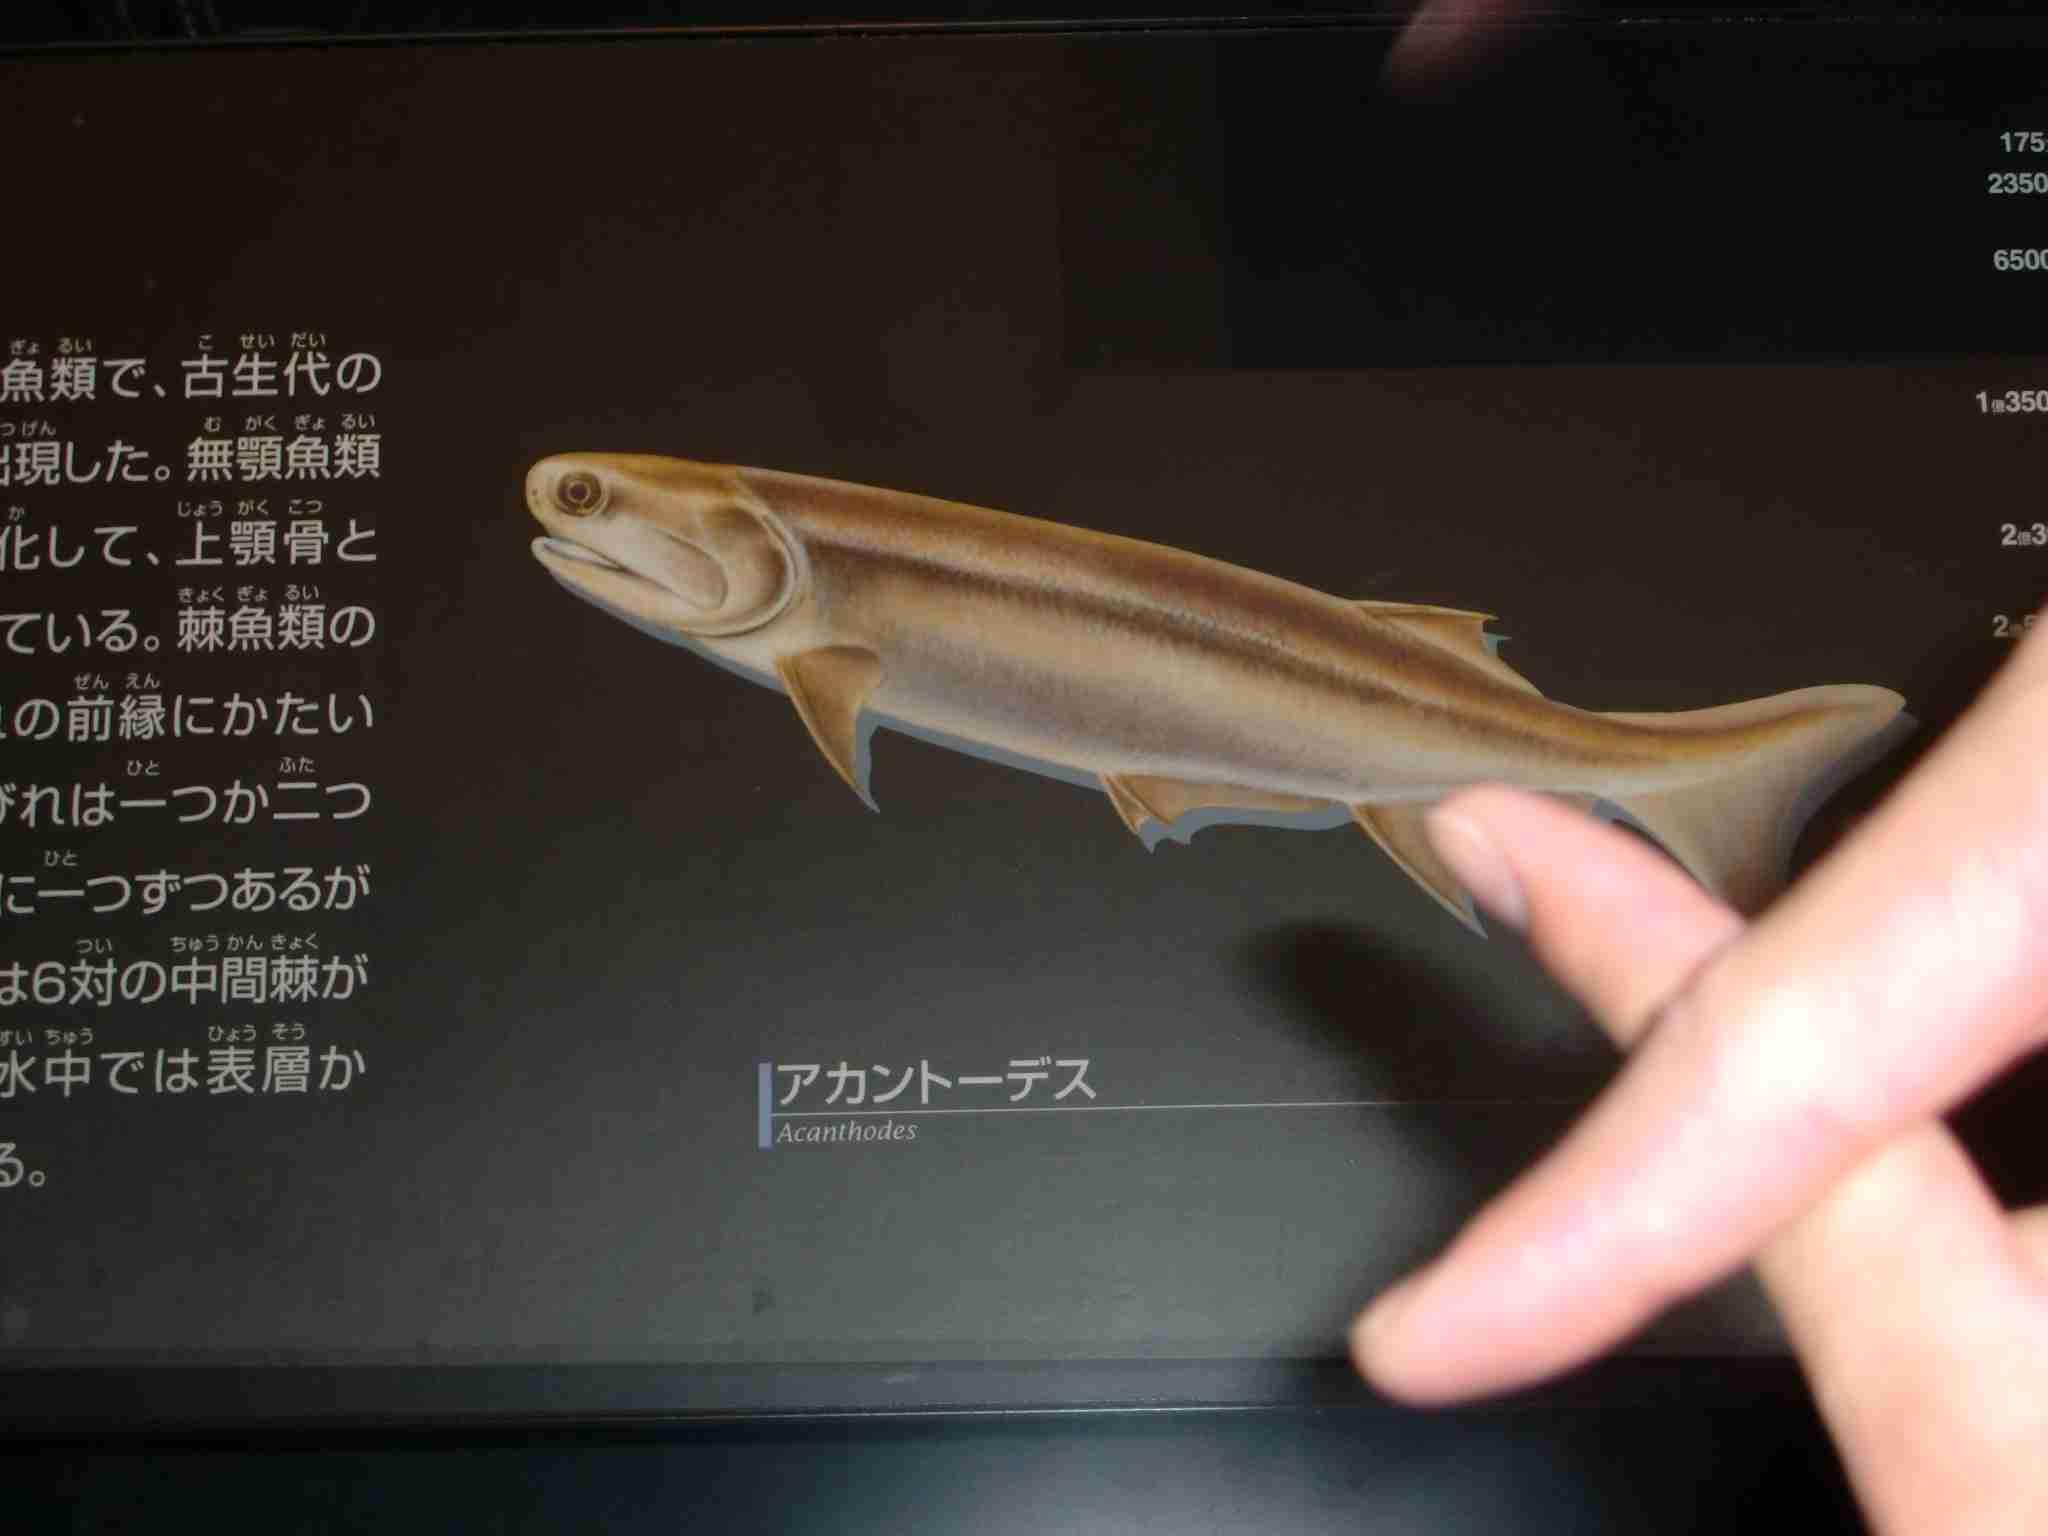 この魚の化石の名前がやばいwww